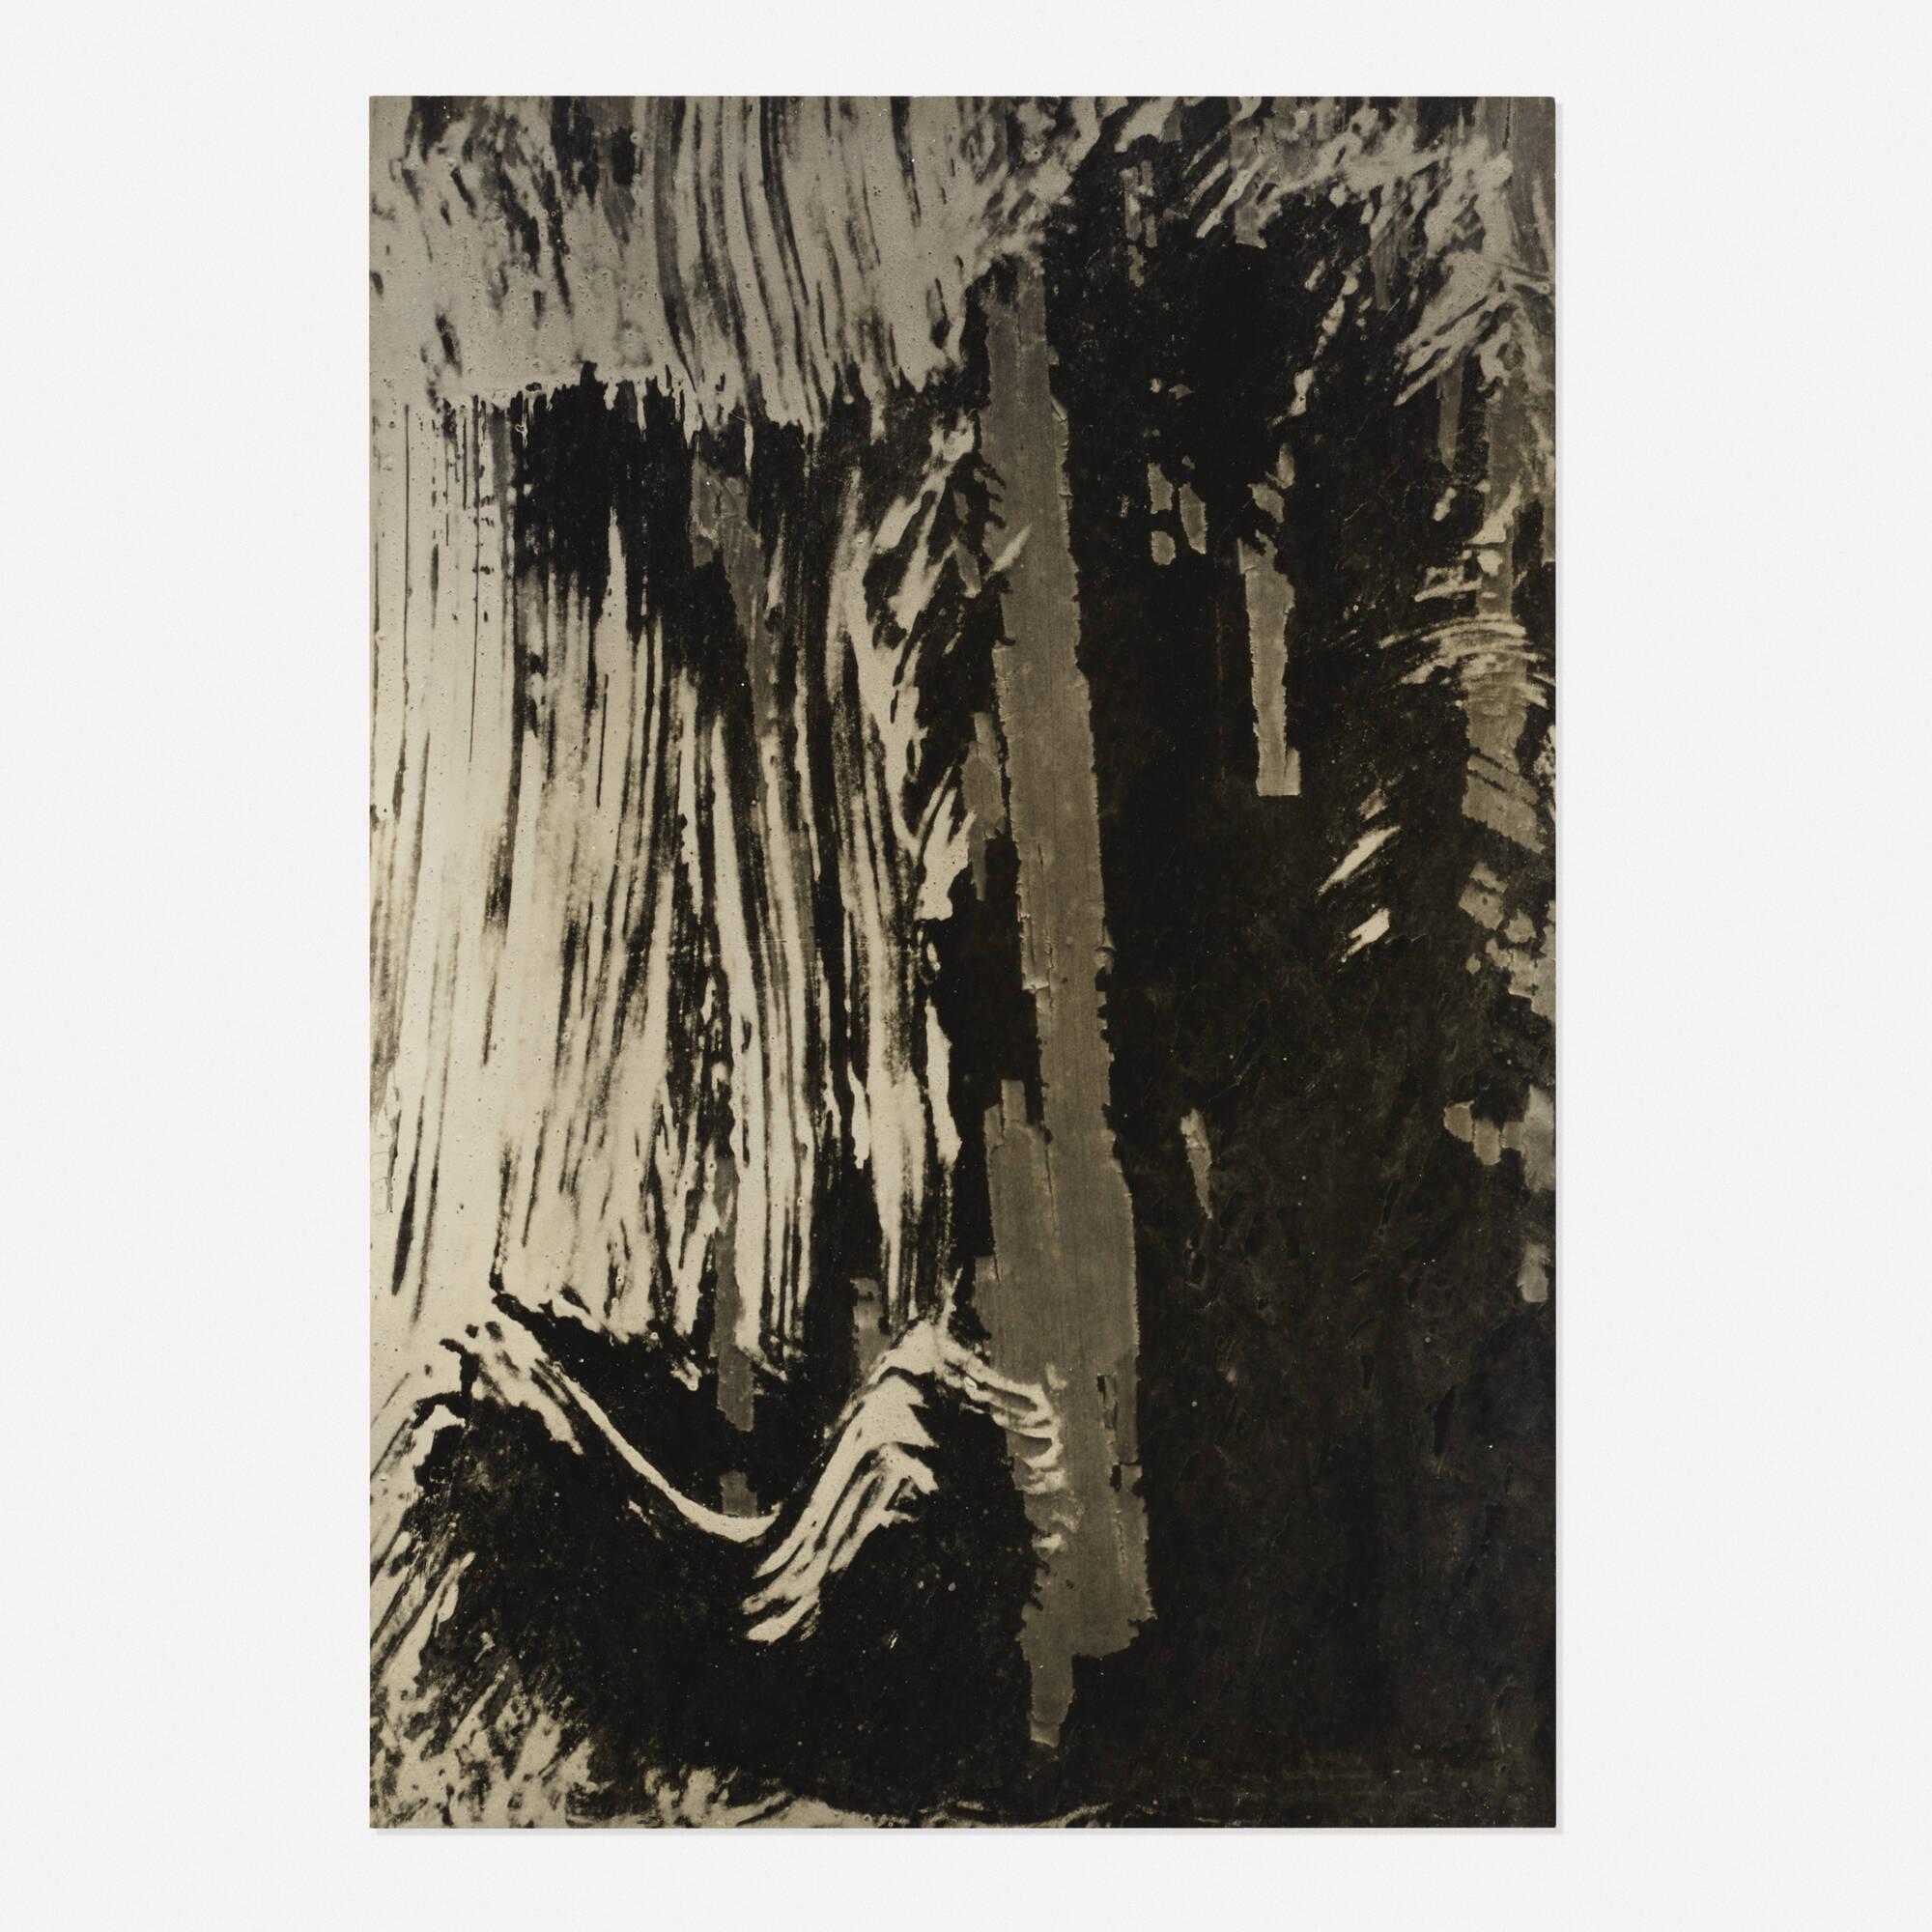 210: Aaron Siskind / Untitled (1 of 1)